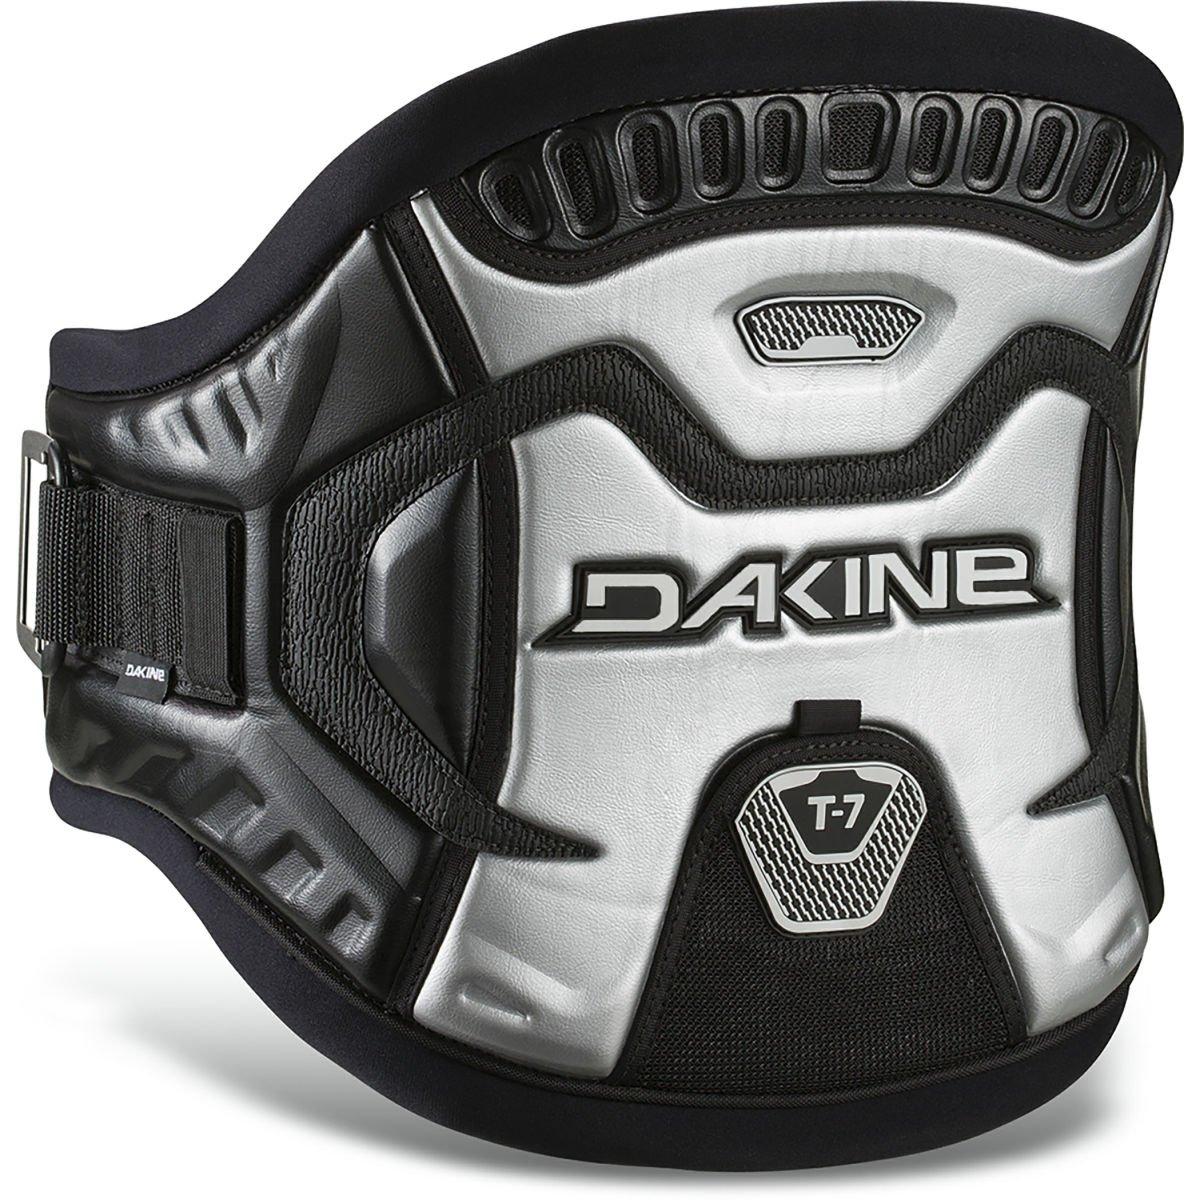 Dakine Men's T-7 Windsurf Harness, Silver, S